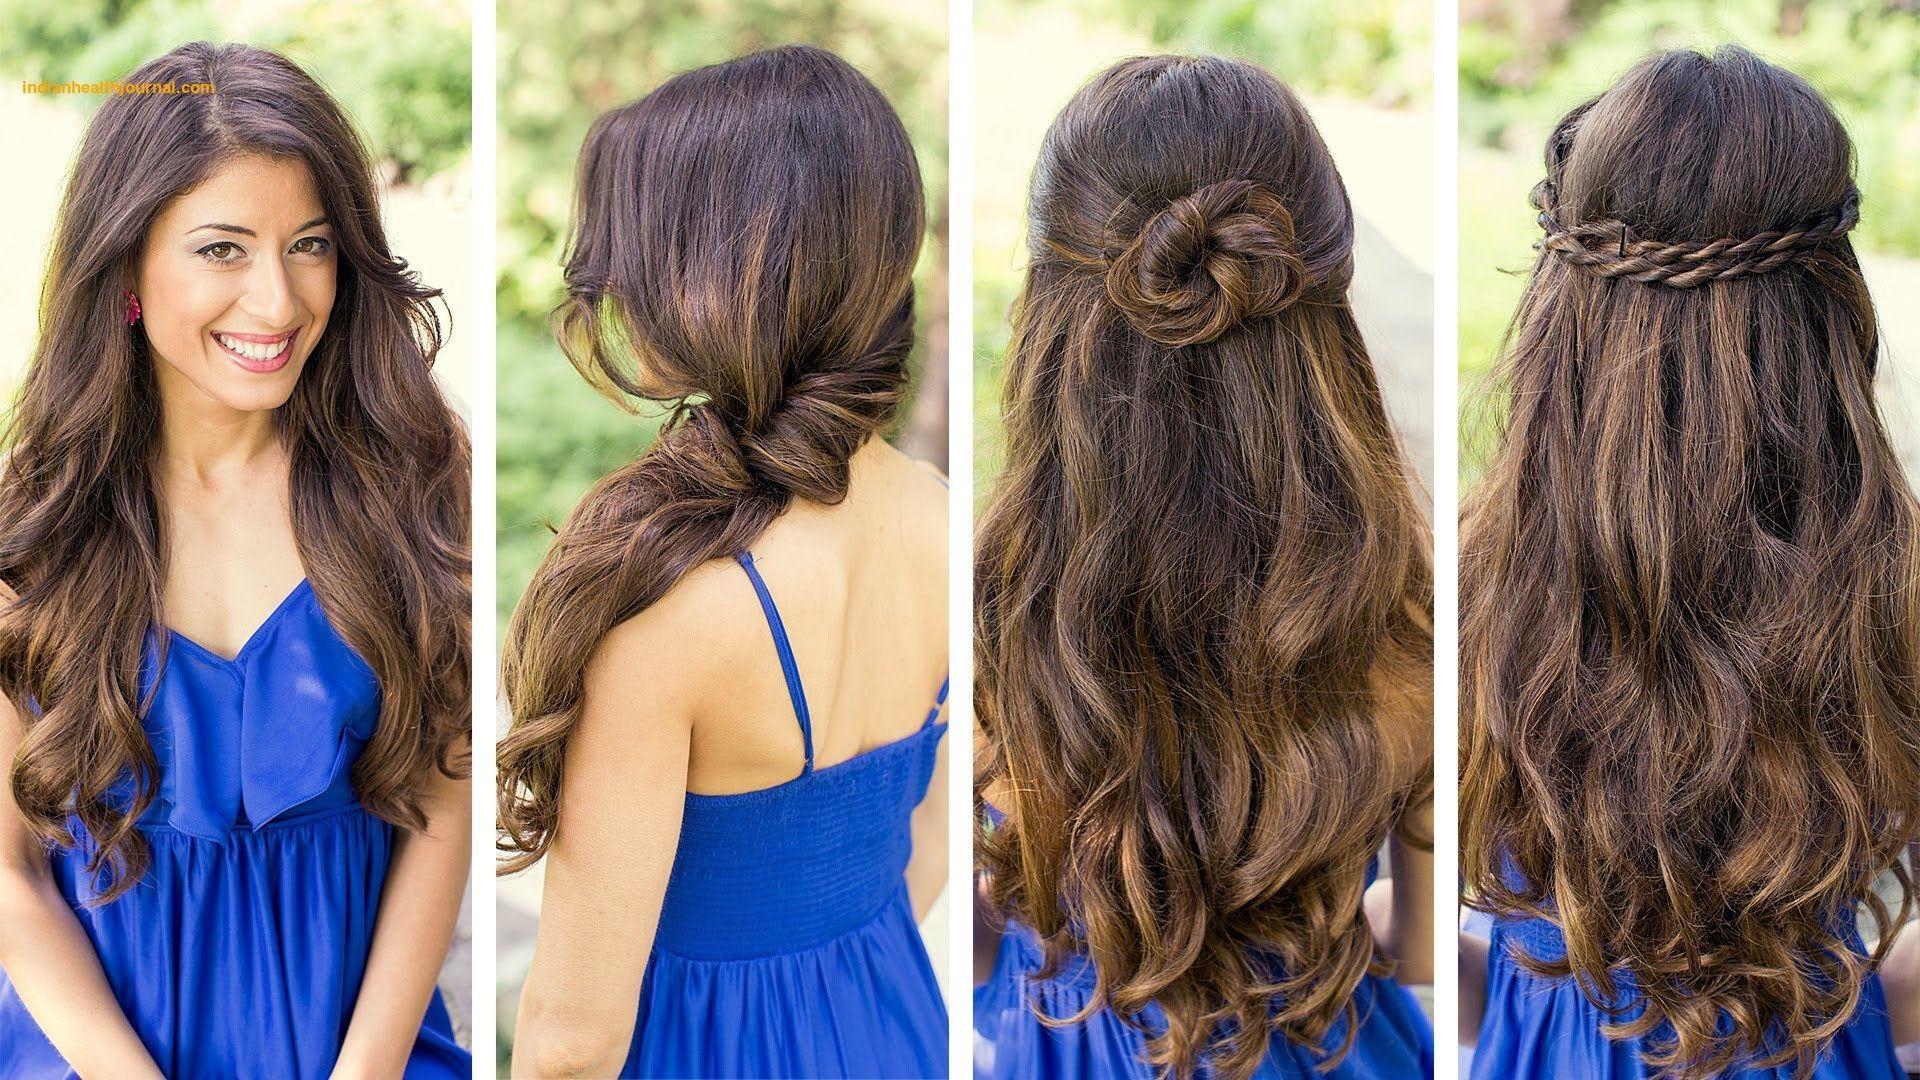 Wwv Hairstylestrends Me In 2020 Long Hair Indian Girls Long Hair Styles Easy Hairstyles